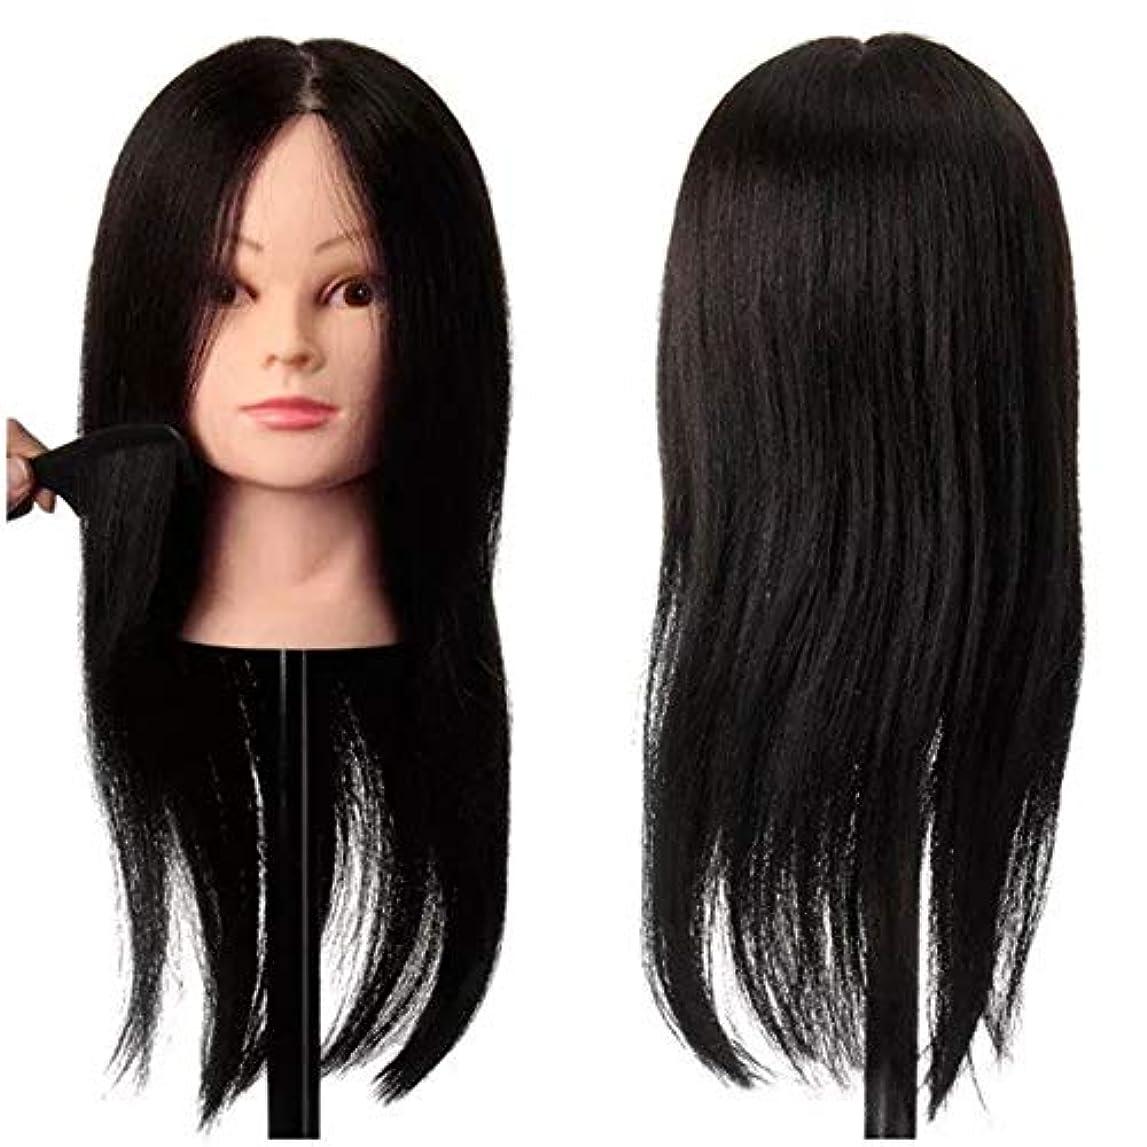 指定説ローマ人ヘアマネキンヘッド クランプホルダを切断100%黒の練習マネキン本物の人間の髪の毛のトレーニング頭理髪 ヘア理髪トレーニングモデル付き (色 : ブラック, サイズ : 25*16*12cm)